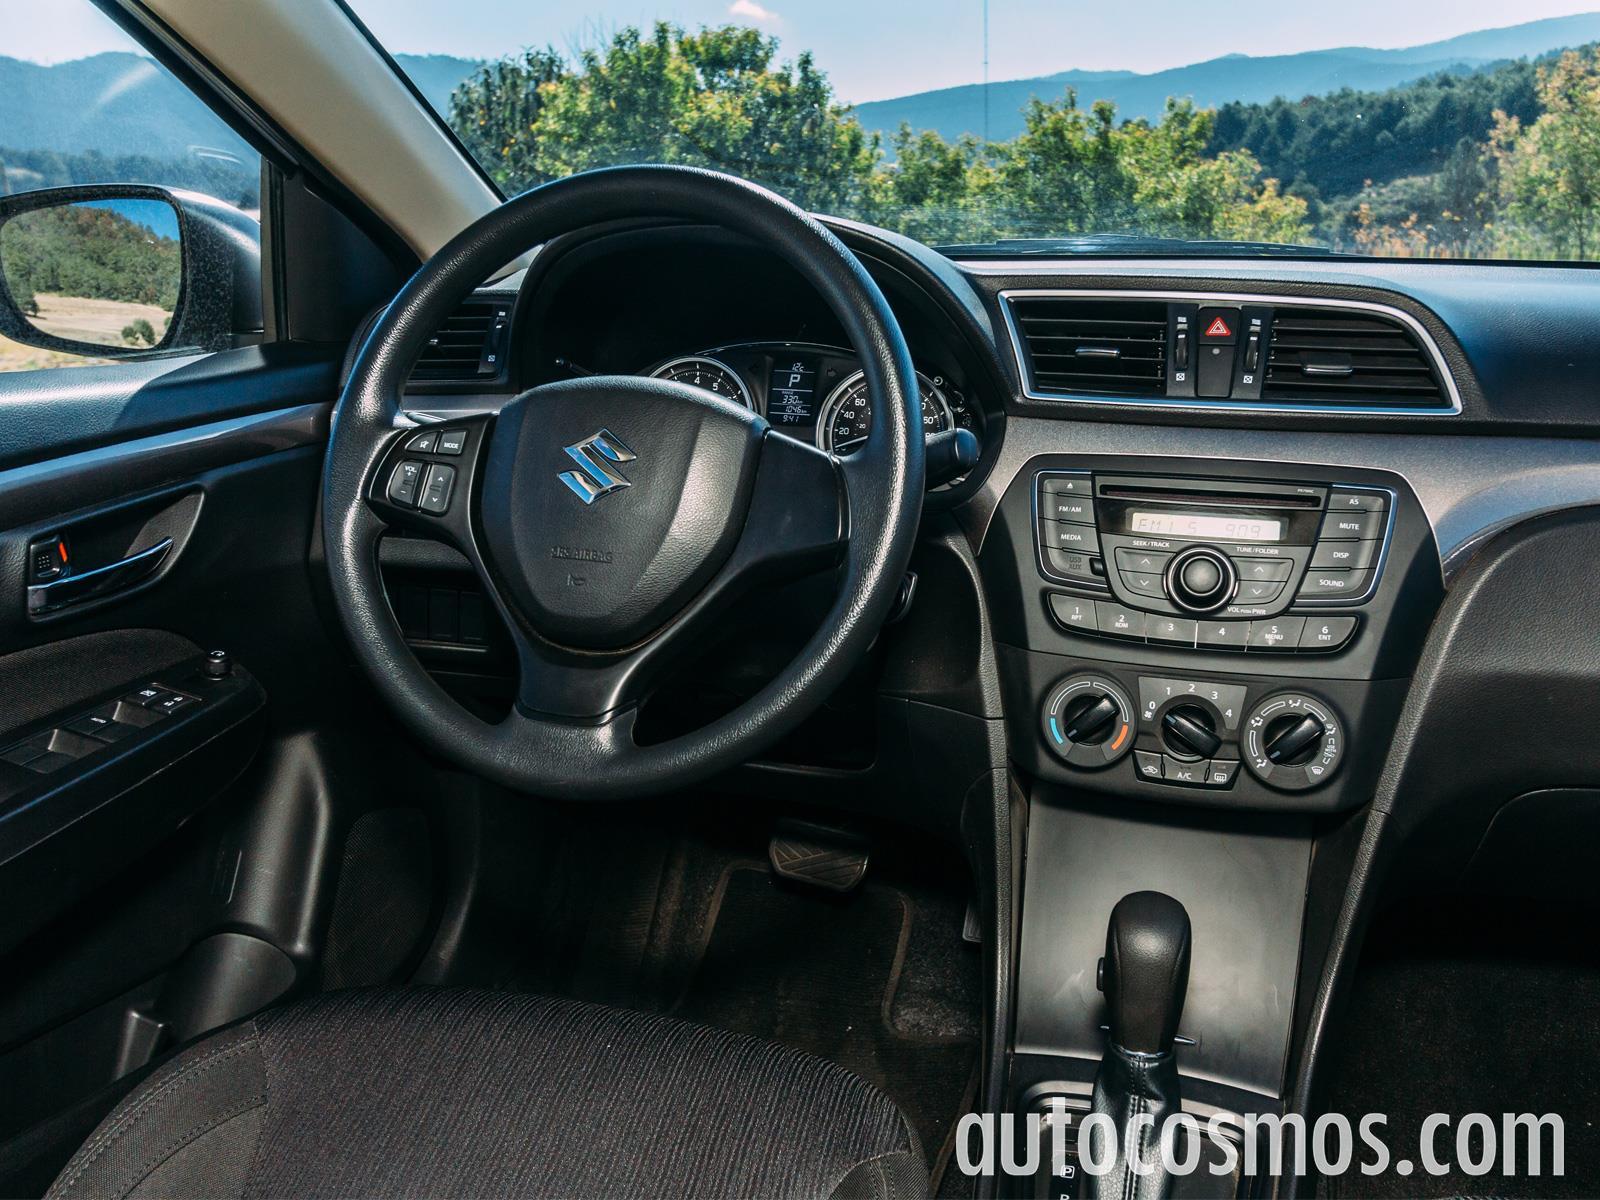 Suzuki Ciaz 2016 a prueba - Autocosmos.com